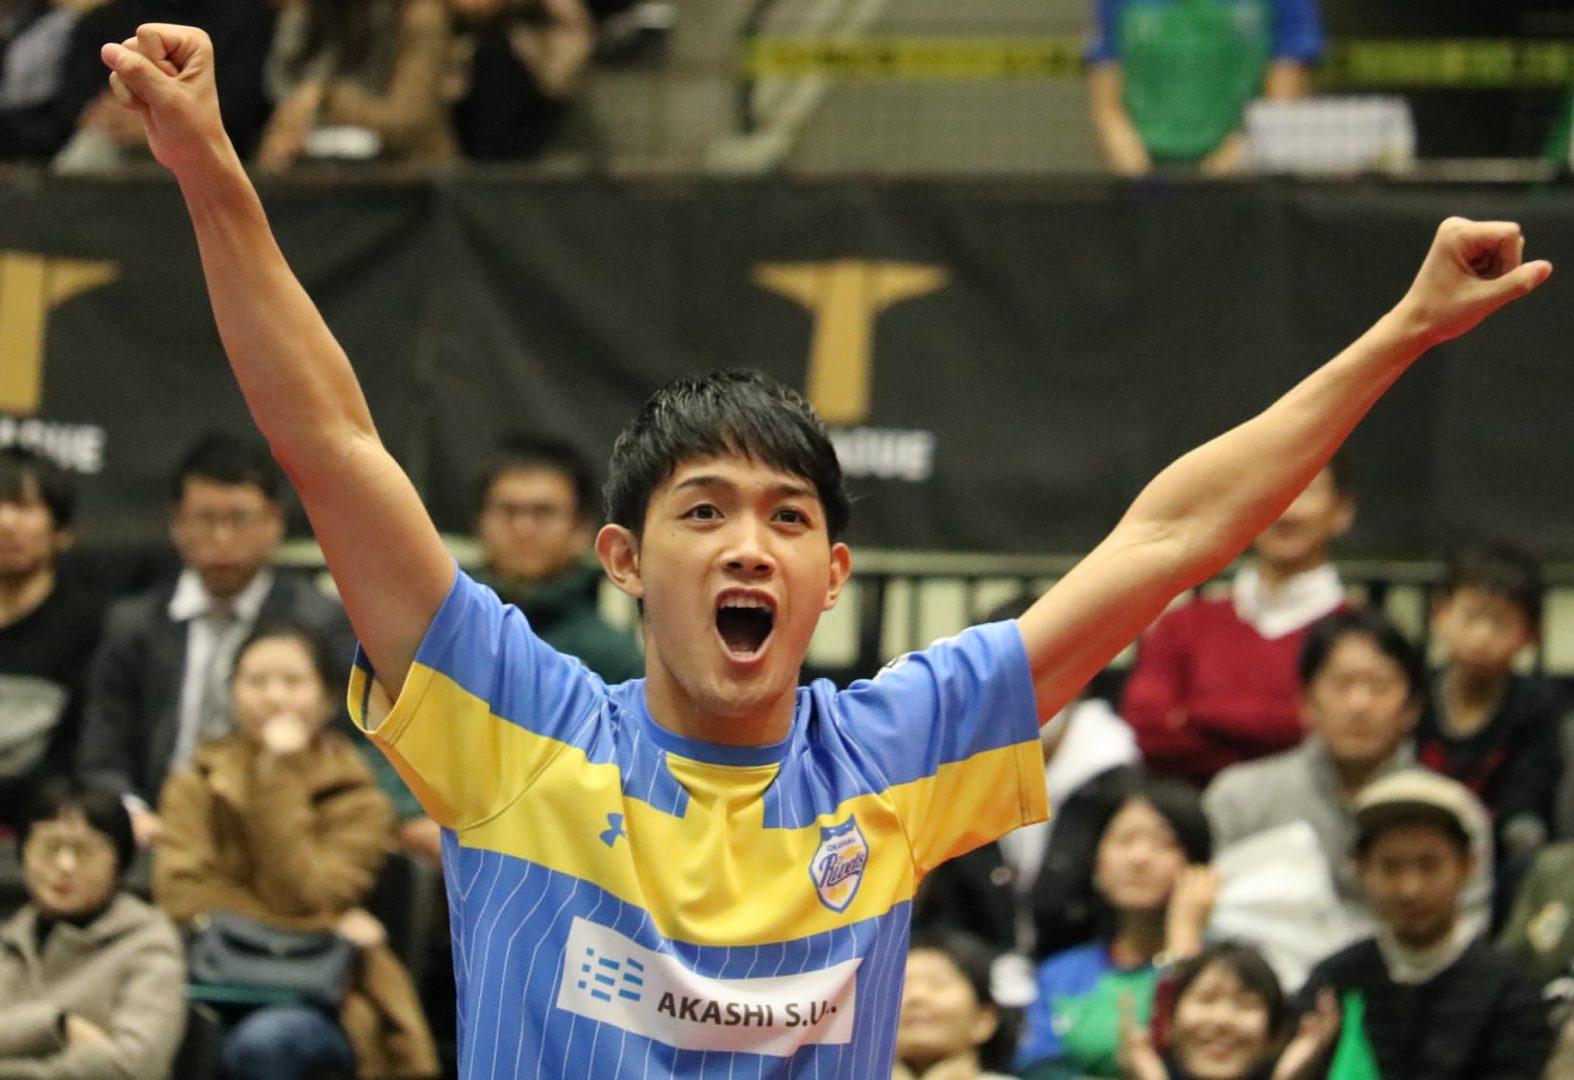 【卓球・Tリーグ】男子の激しい2位争い、岡山がT.T彩たまを振り切るか<見どころ解説>